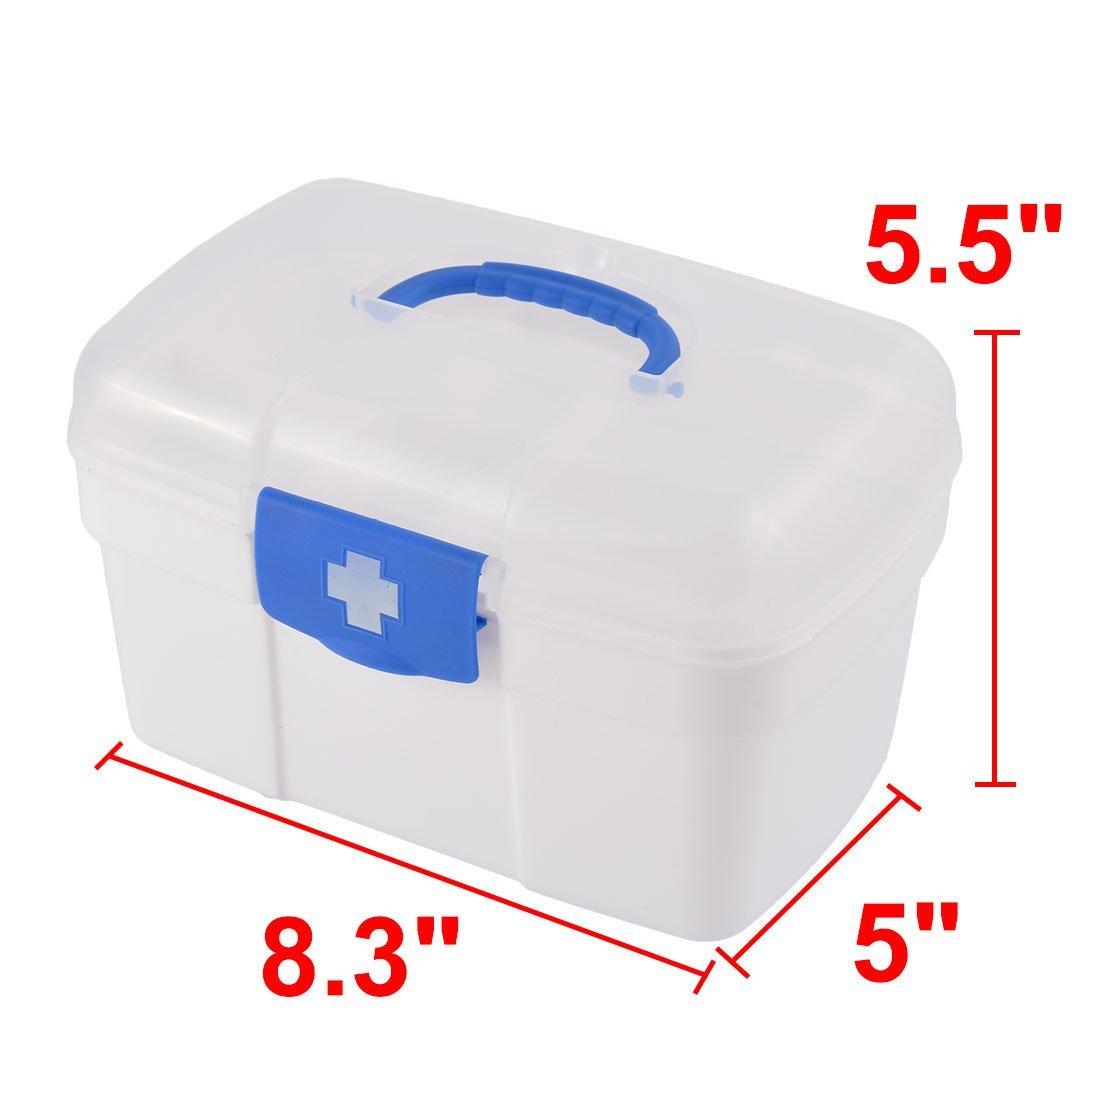 Amazon.com: eDealMax Píldora plástico del hogar de la tableta Caja de almacenamiento caja de primeros auxilios Medicina de contenedores: Home & Kitchen